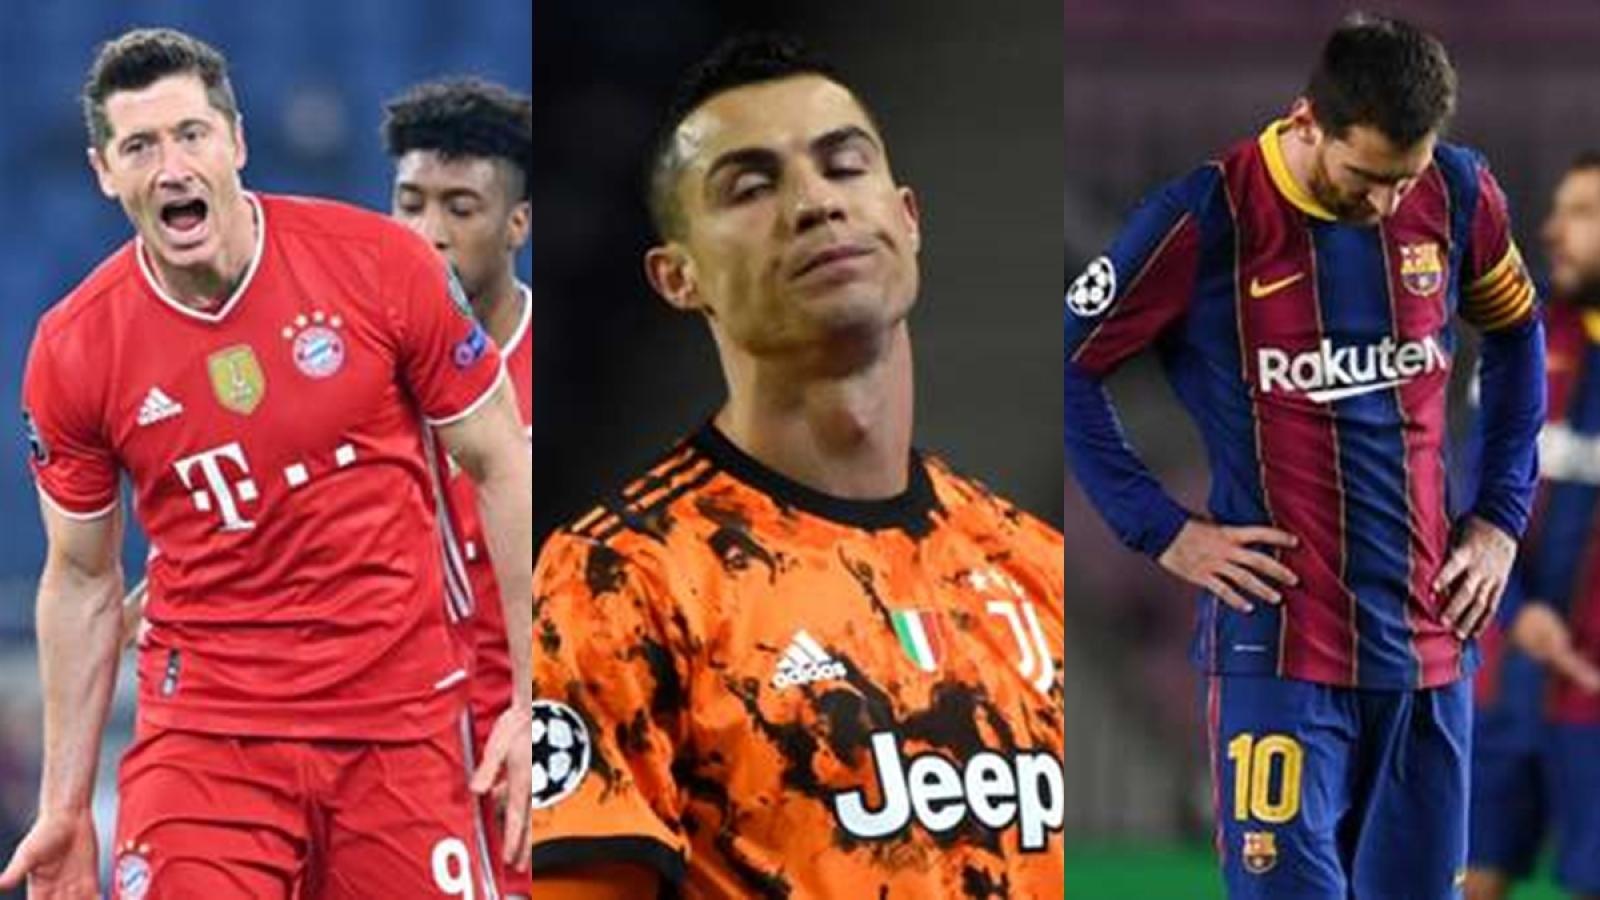 Bảng xếp hạng sức mạnh các đội vòng 1/8 Champions League: Buồn cho Barca